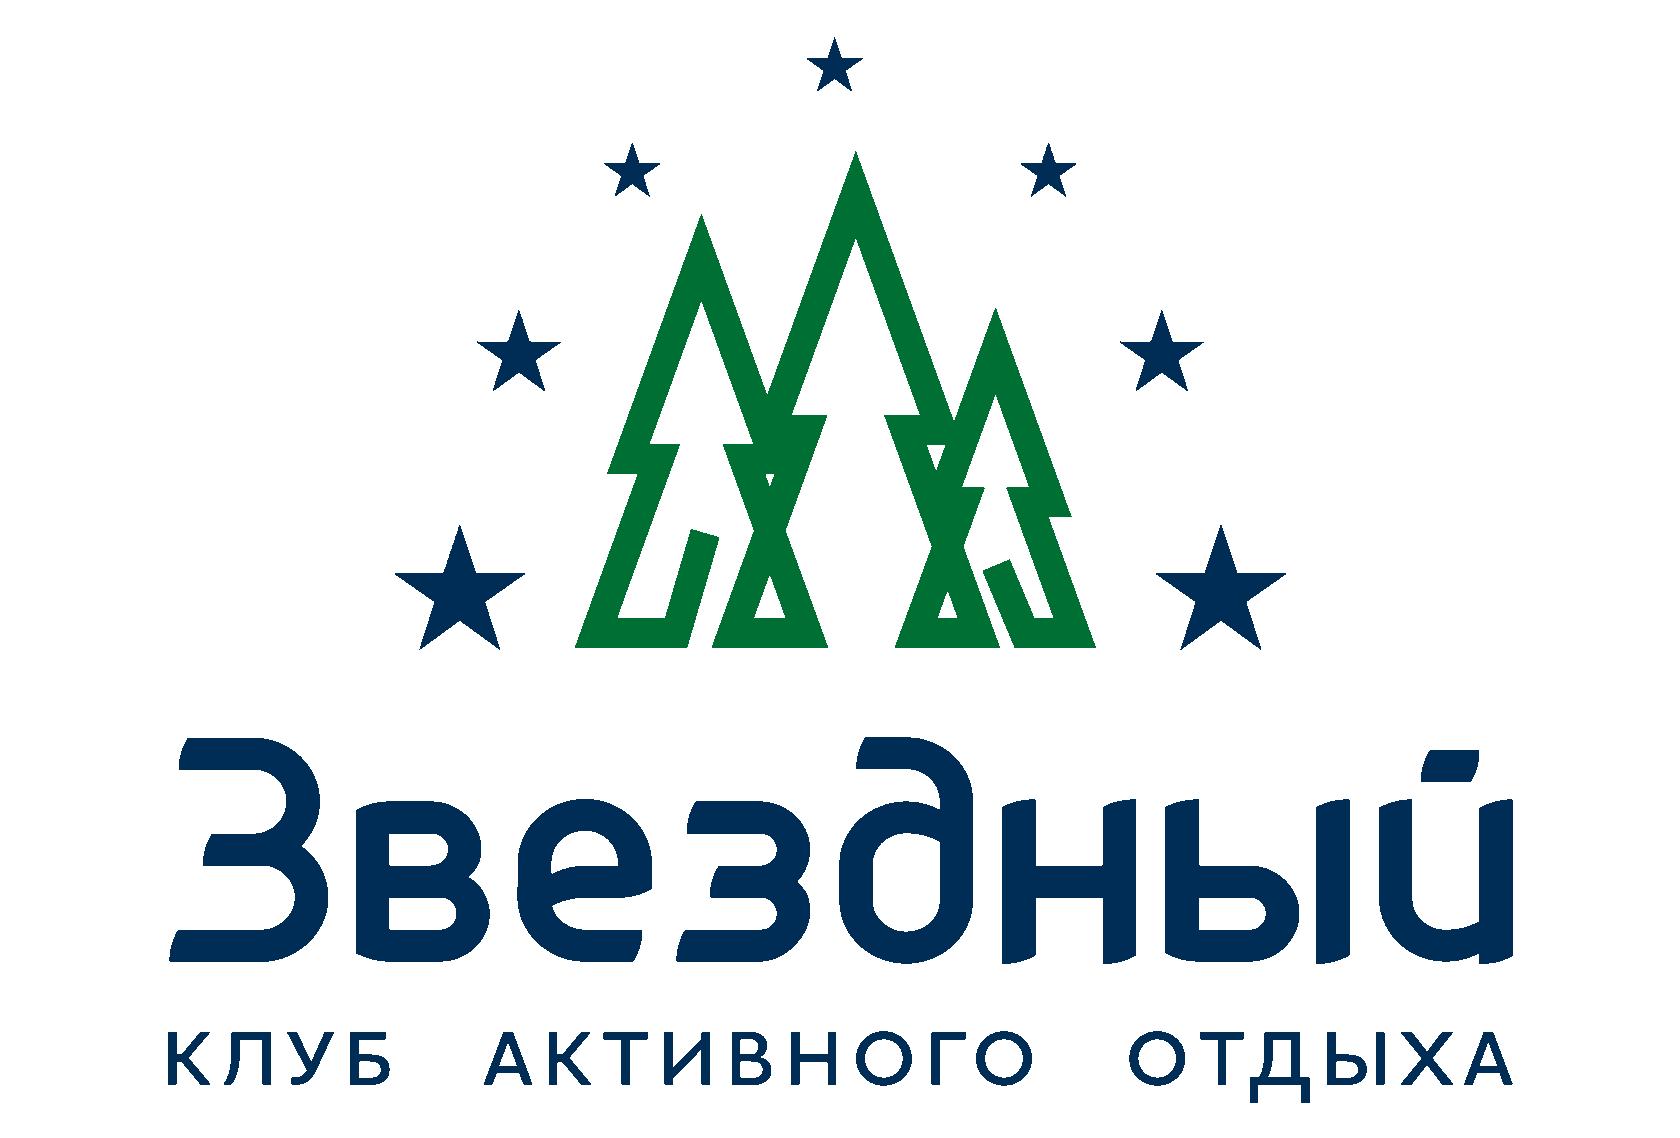 Клуб активного отдыха «Звездный»